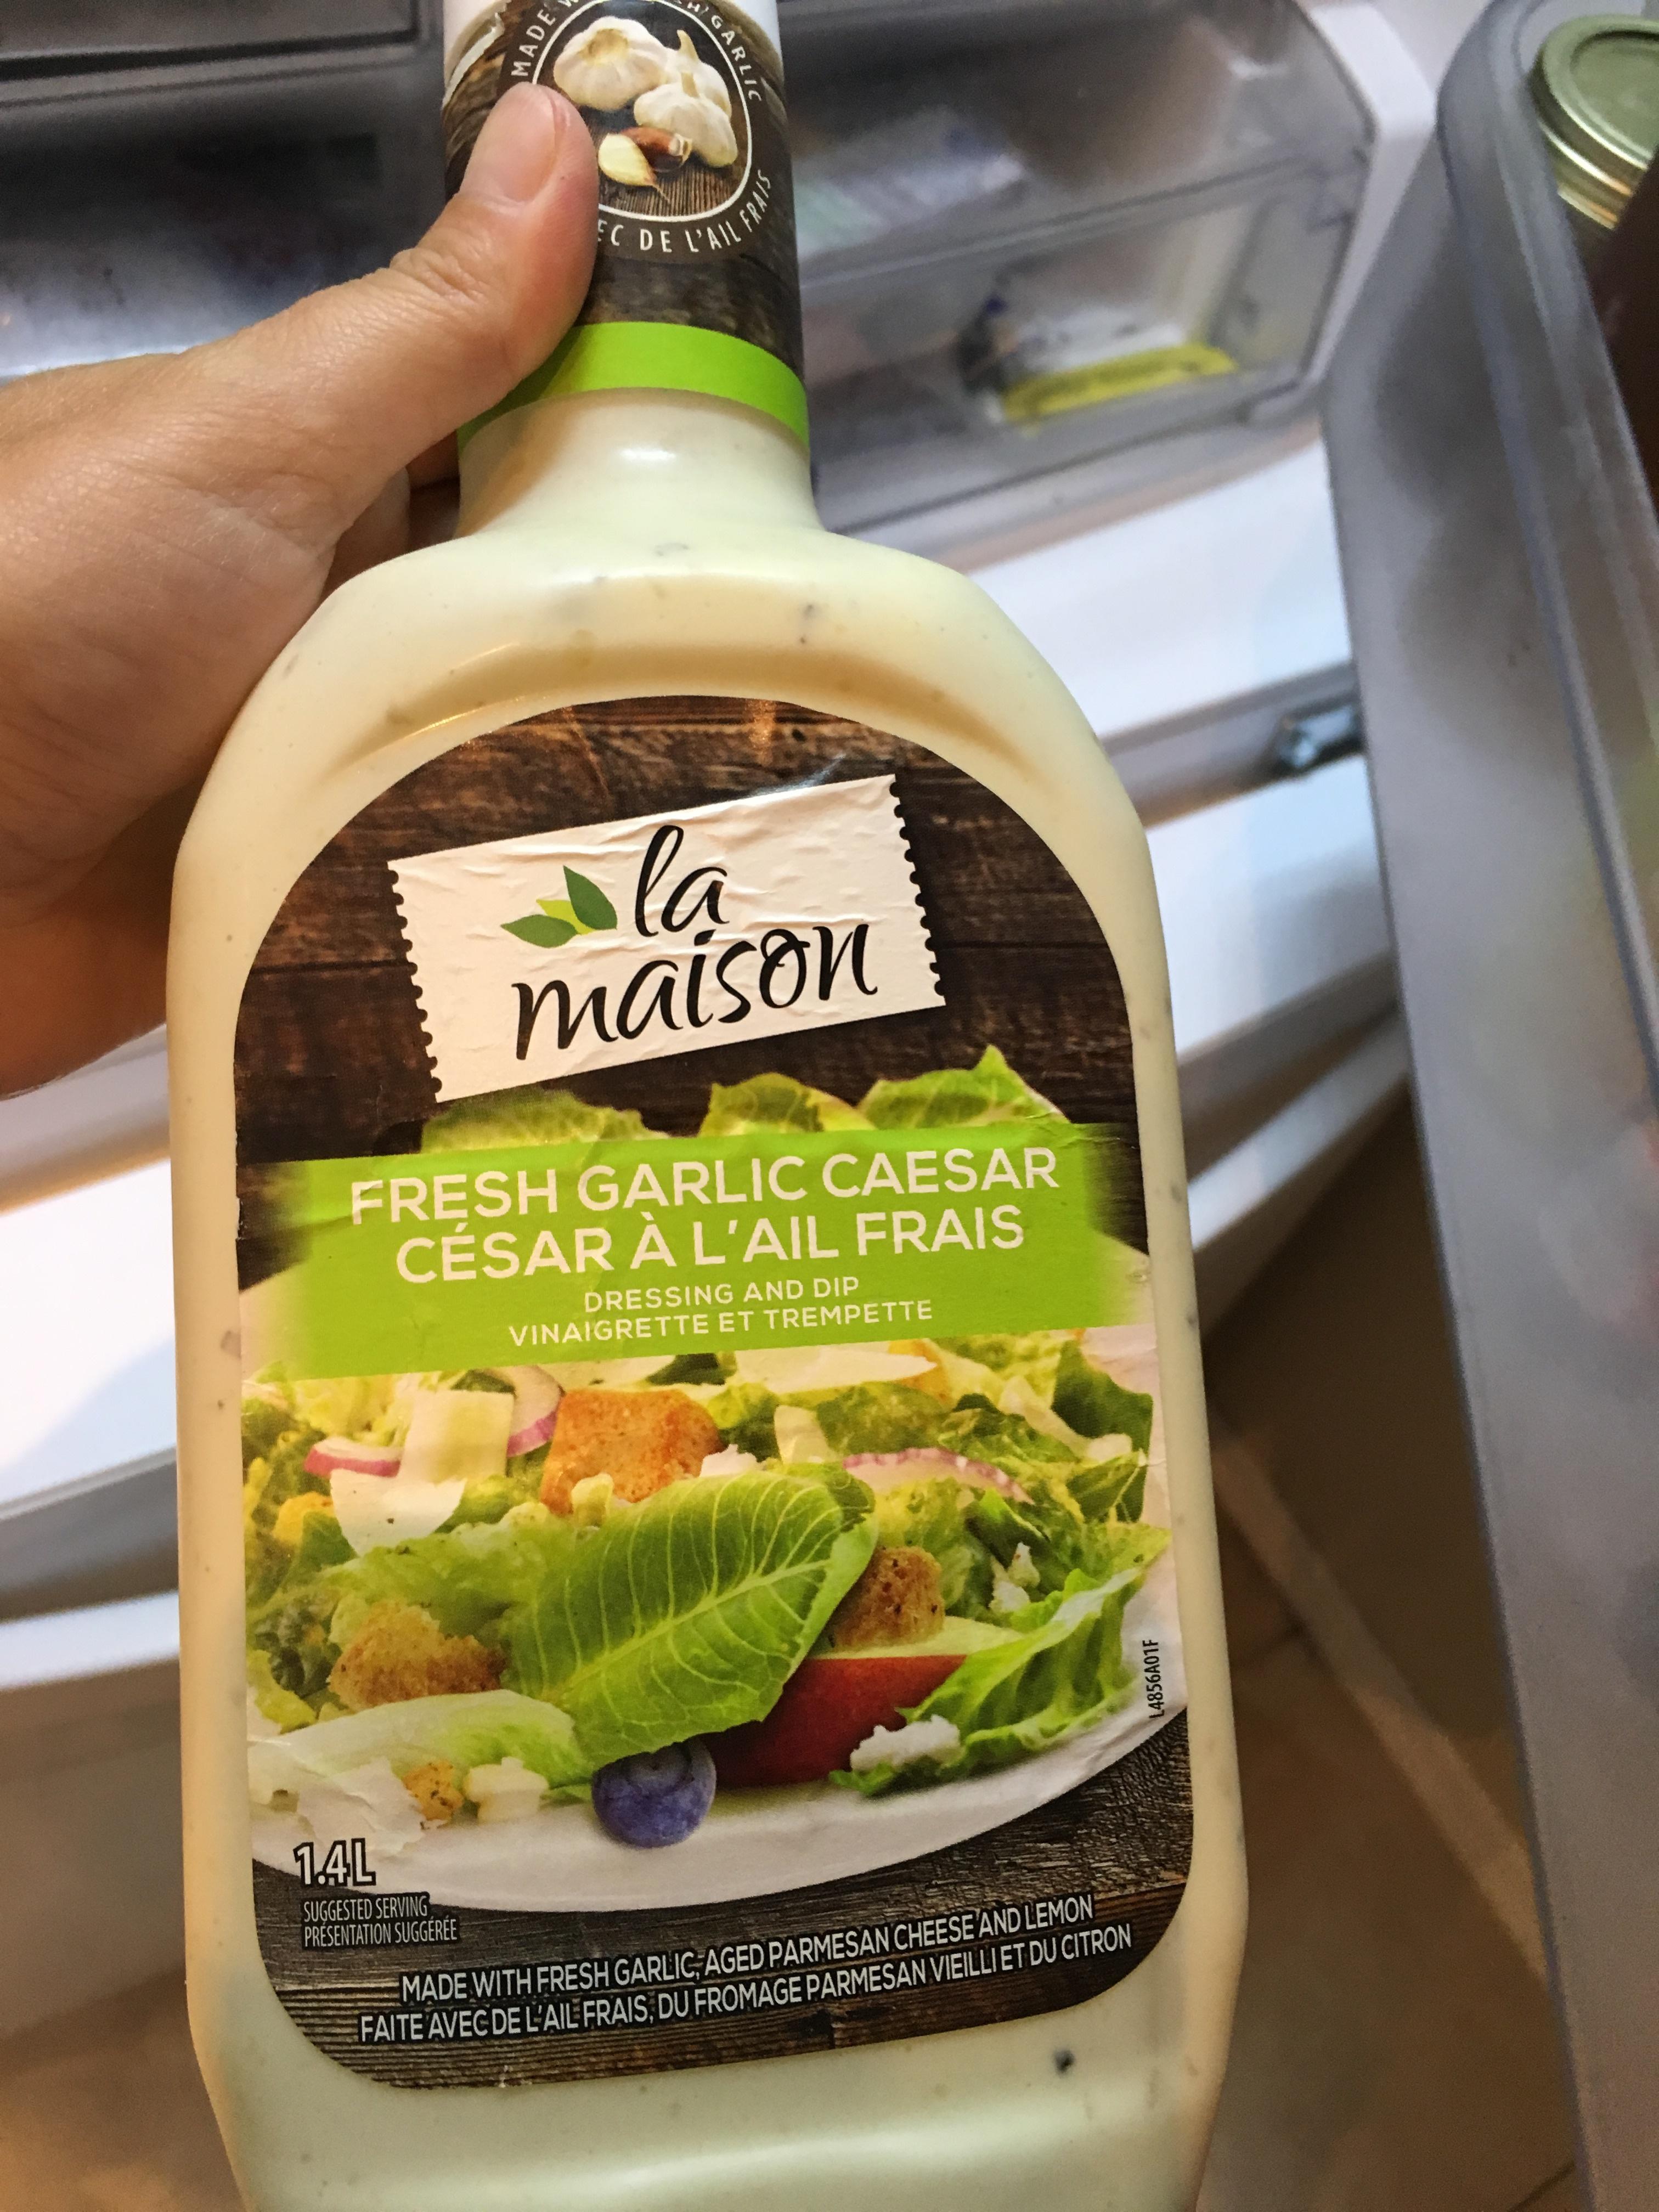 La Maison Du Dressing la maison fresh garlic caesar dressing reviews in condiment